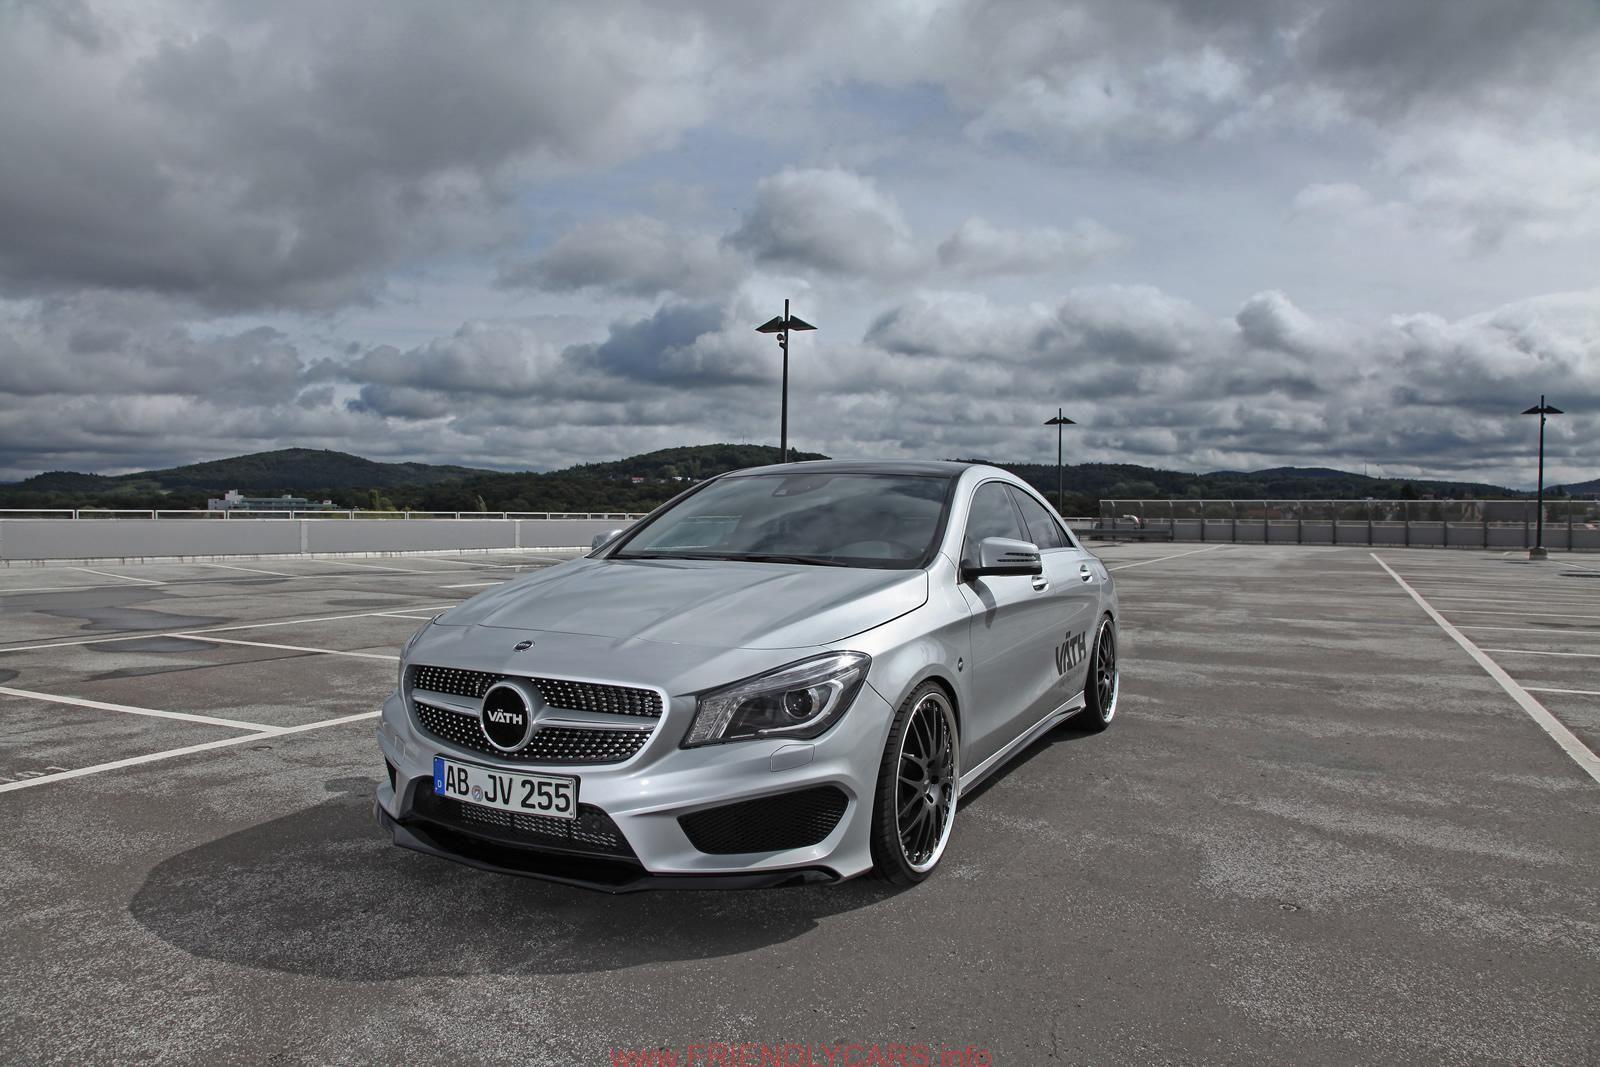 cool mercedes benz cla 250 wallpaper car images hd Mercedes Benz 1600x1067